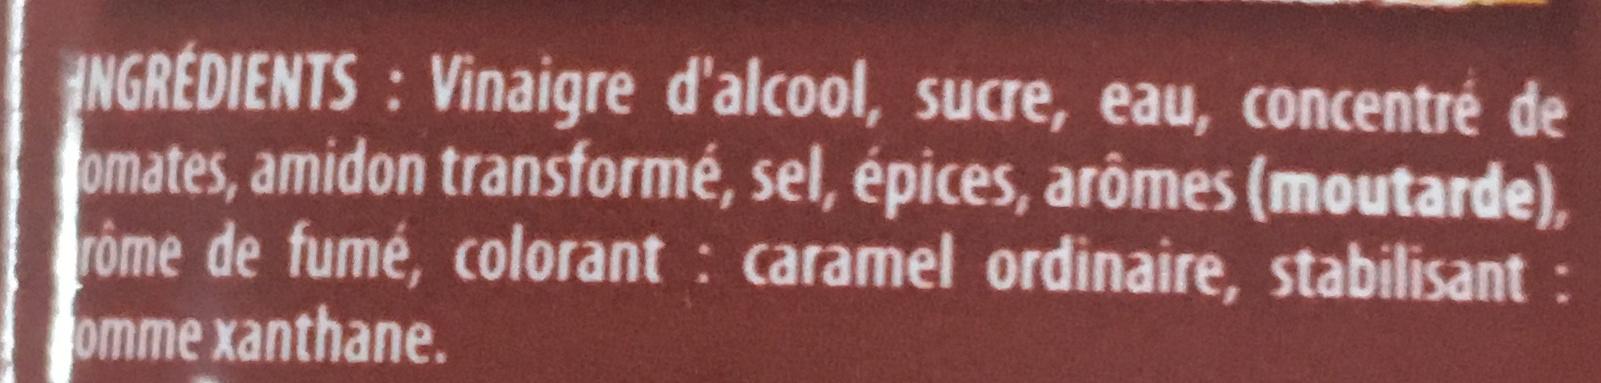 Sauce Barbecue (offre limitée) - Ingrédients